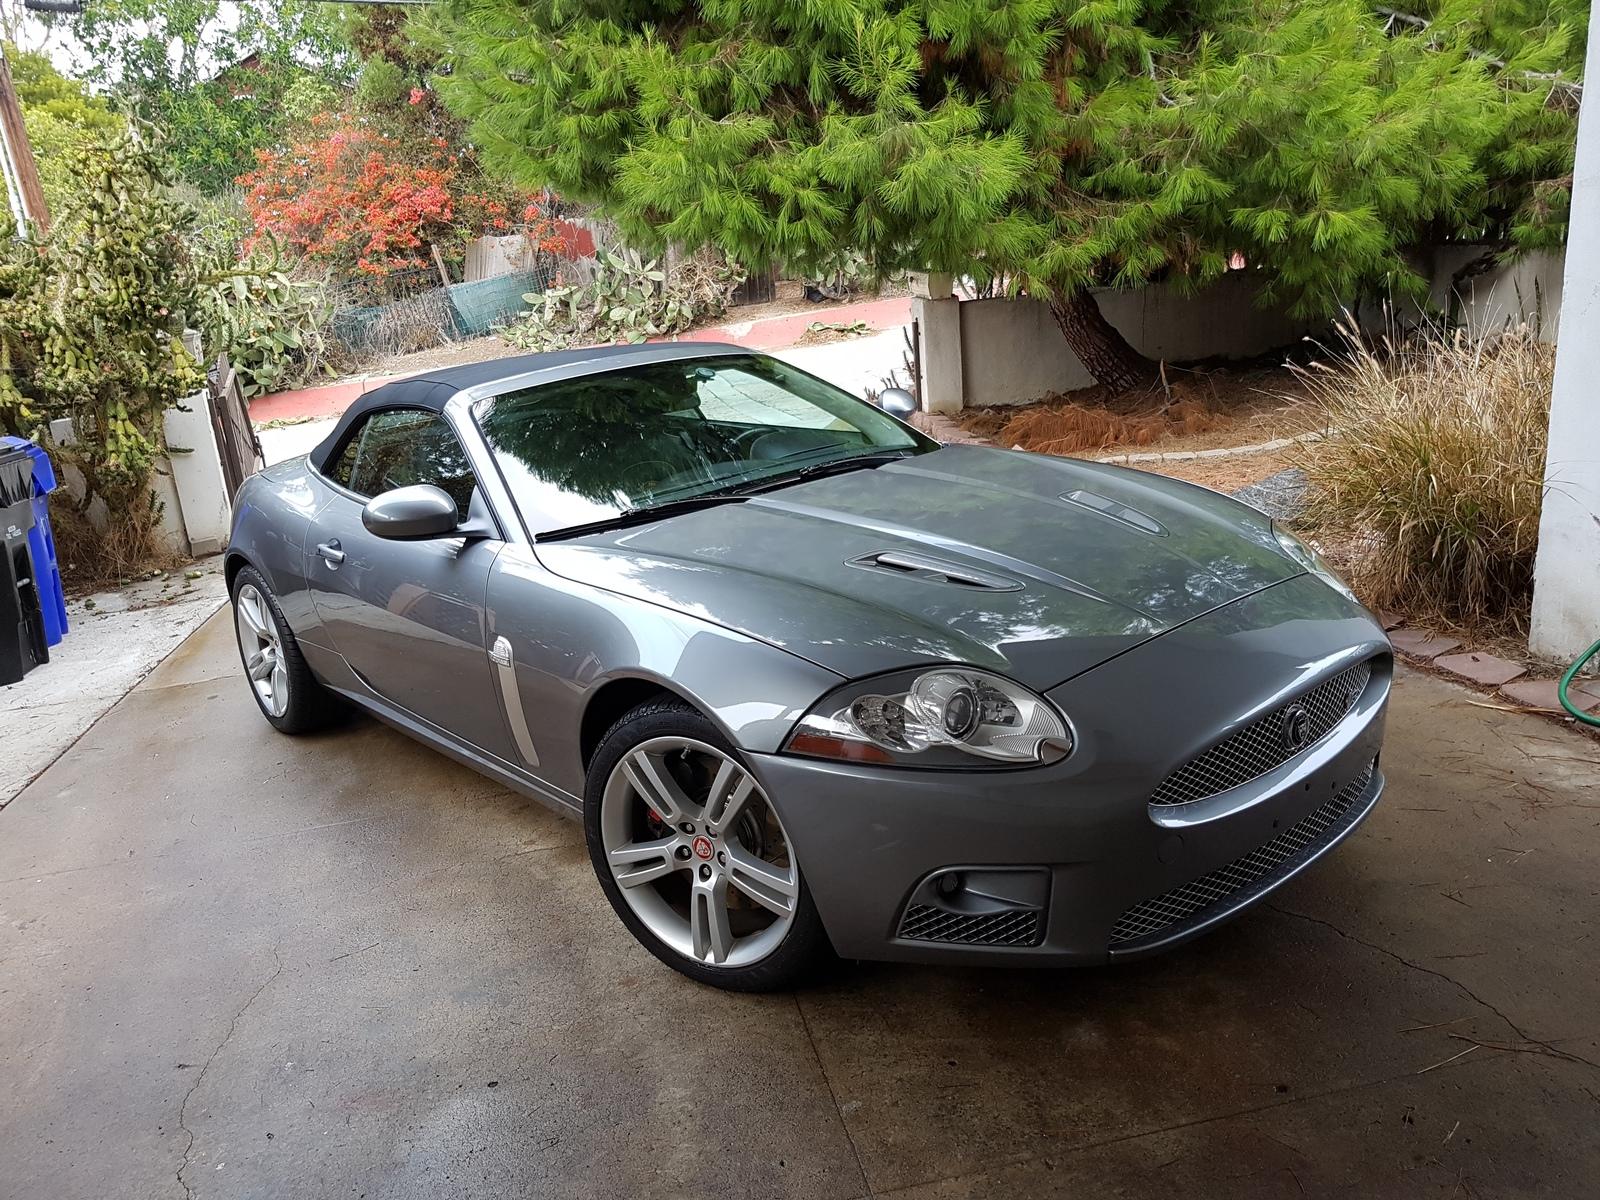 2008 Jaguar XKR Convertible 1/4 mile trap speeds 0-60 ...